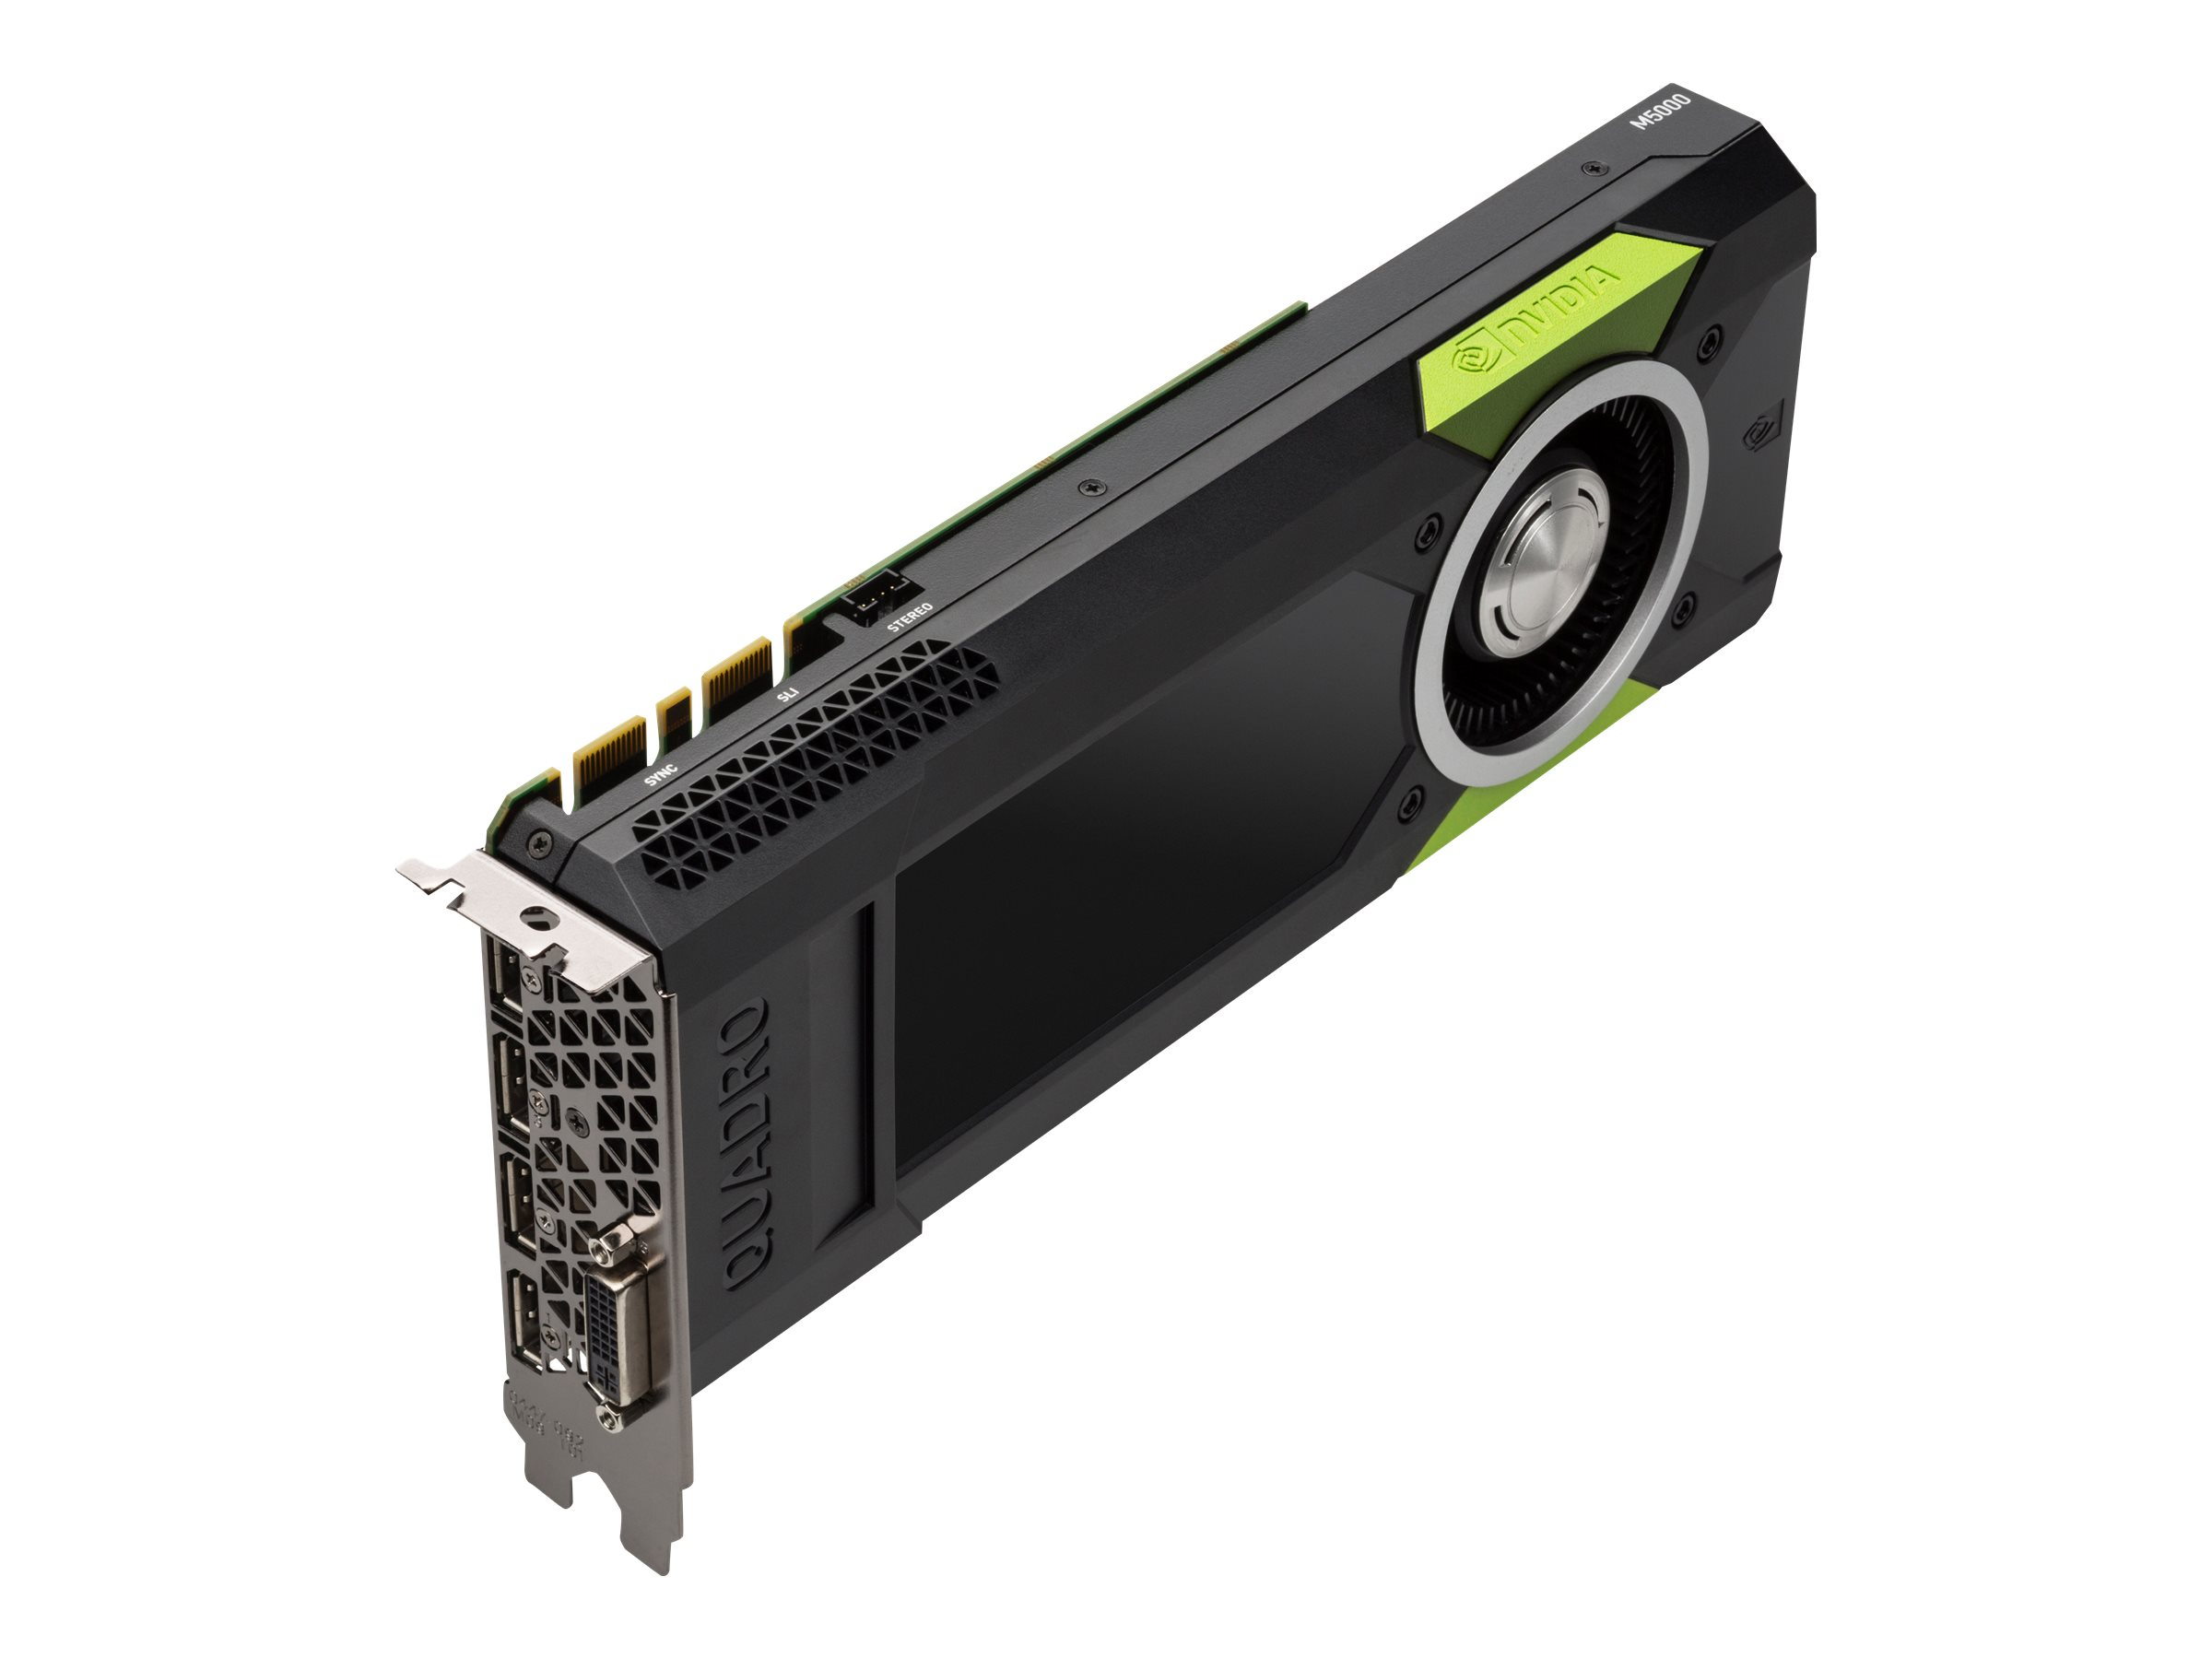 NVIDIA Quadro M5000 - Grafikkarten - Quadro M5000 - 8 GB GDDR5 - PCIe 3.0 x16 - DVI, 4 x DisplayPort